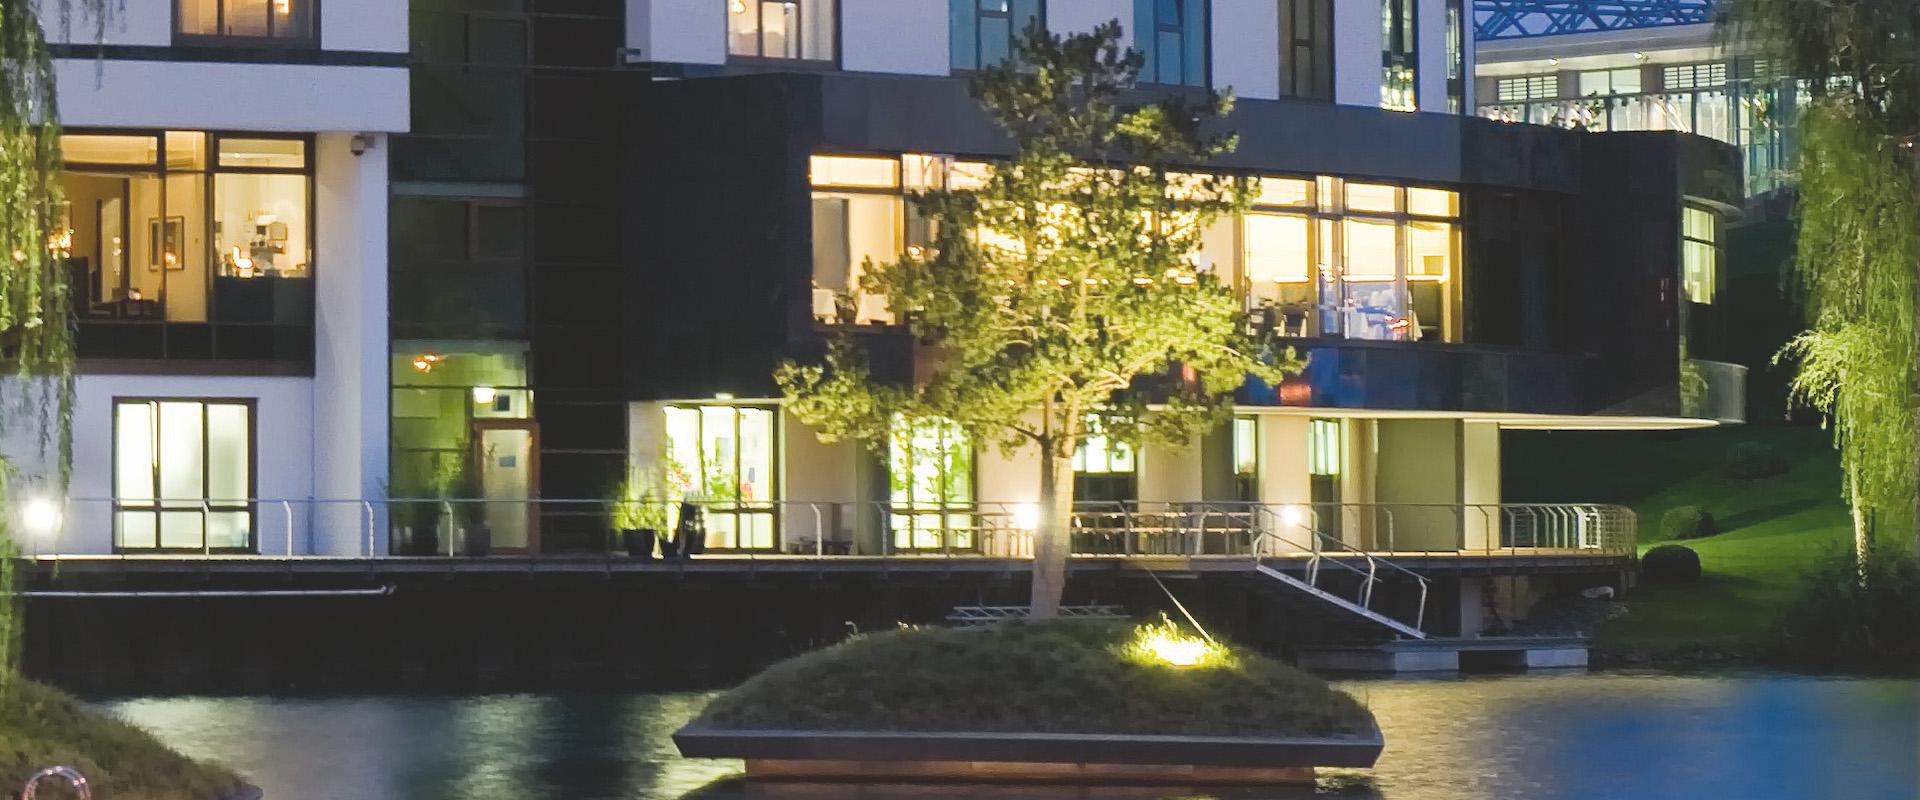 Hotel; Ritz Carlton Wolfsburg; Insel; Food, Restaurant, Dinner, Nacht, Uebersicht